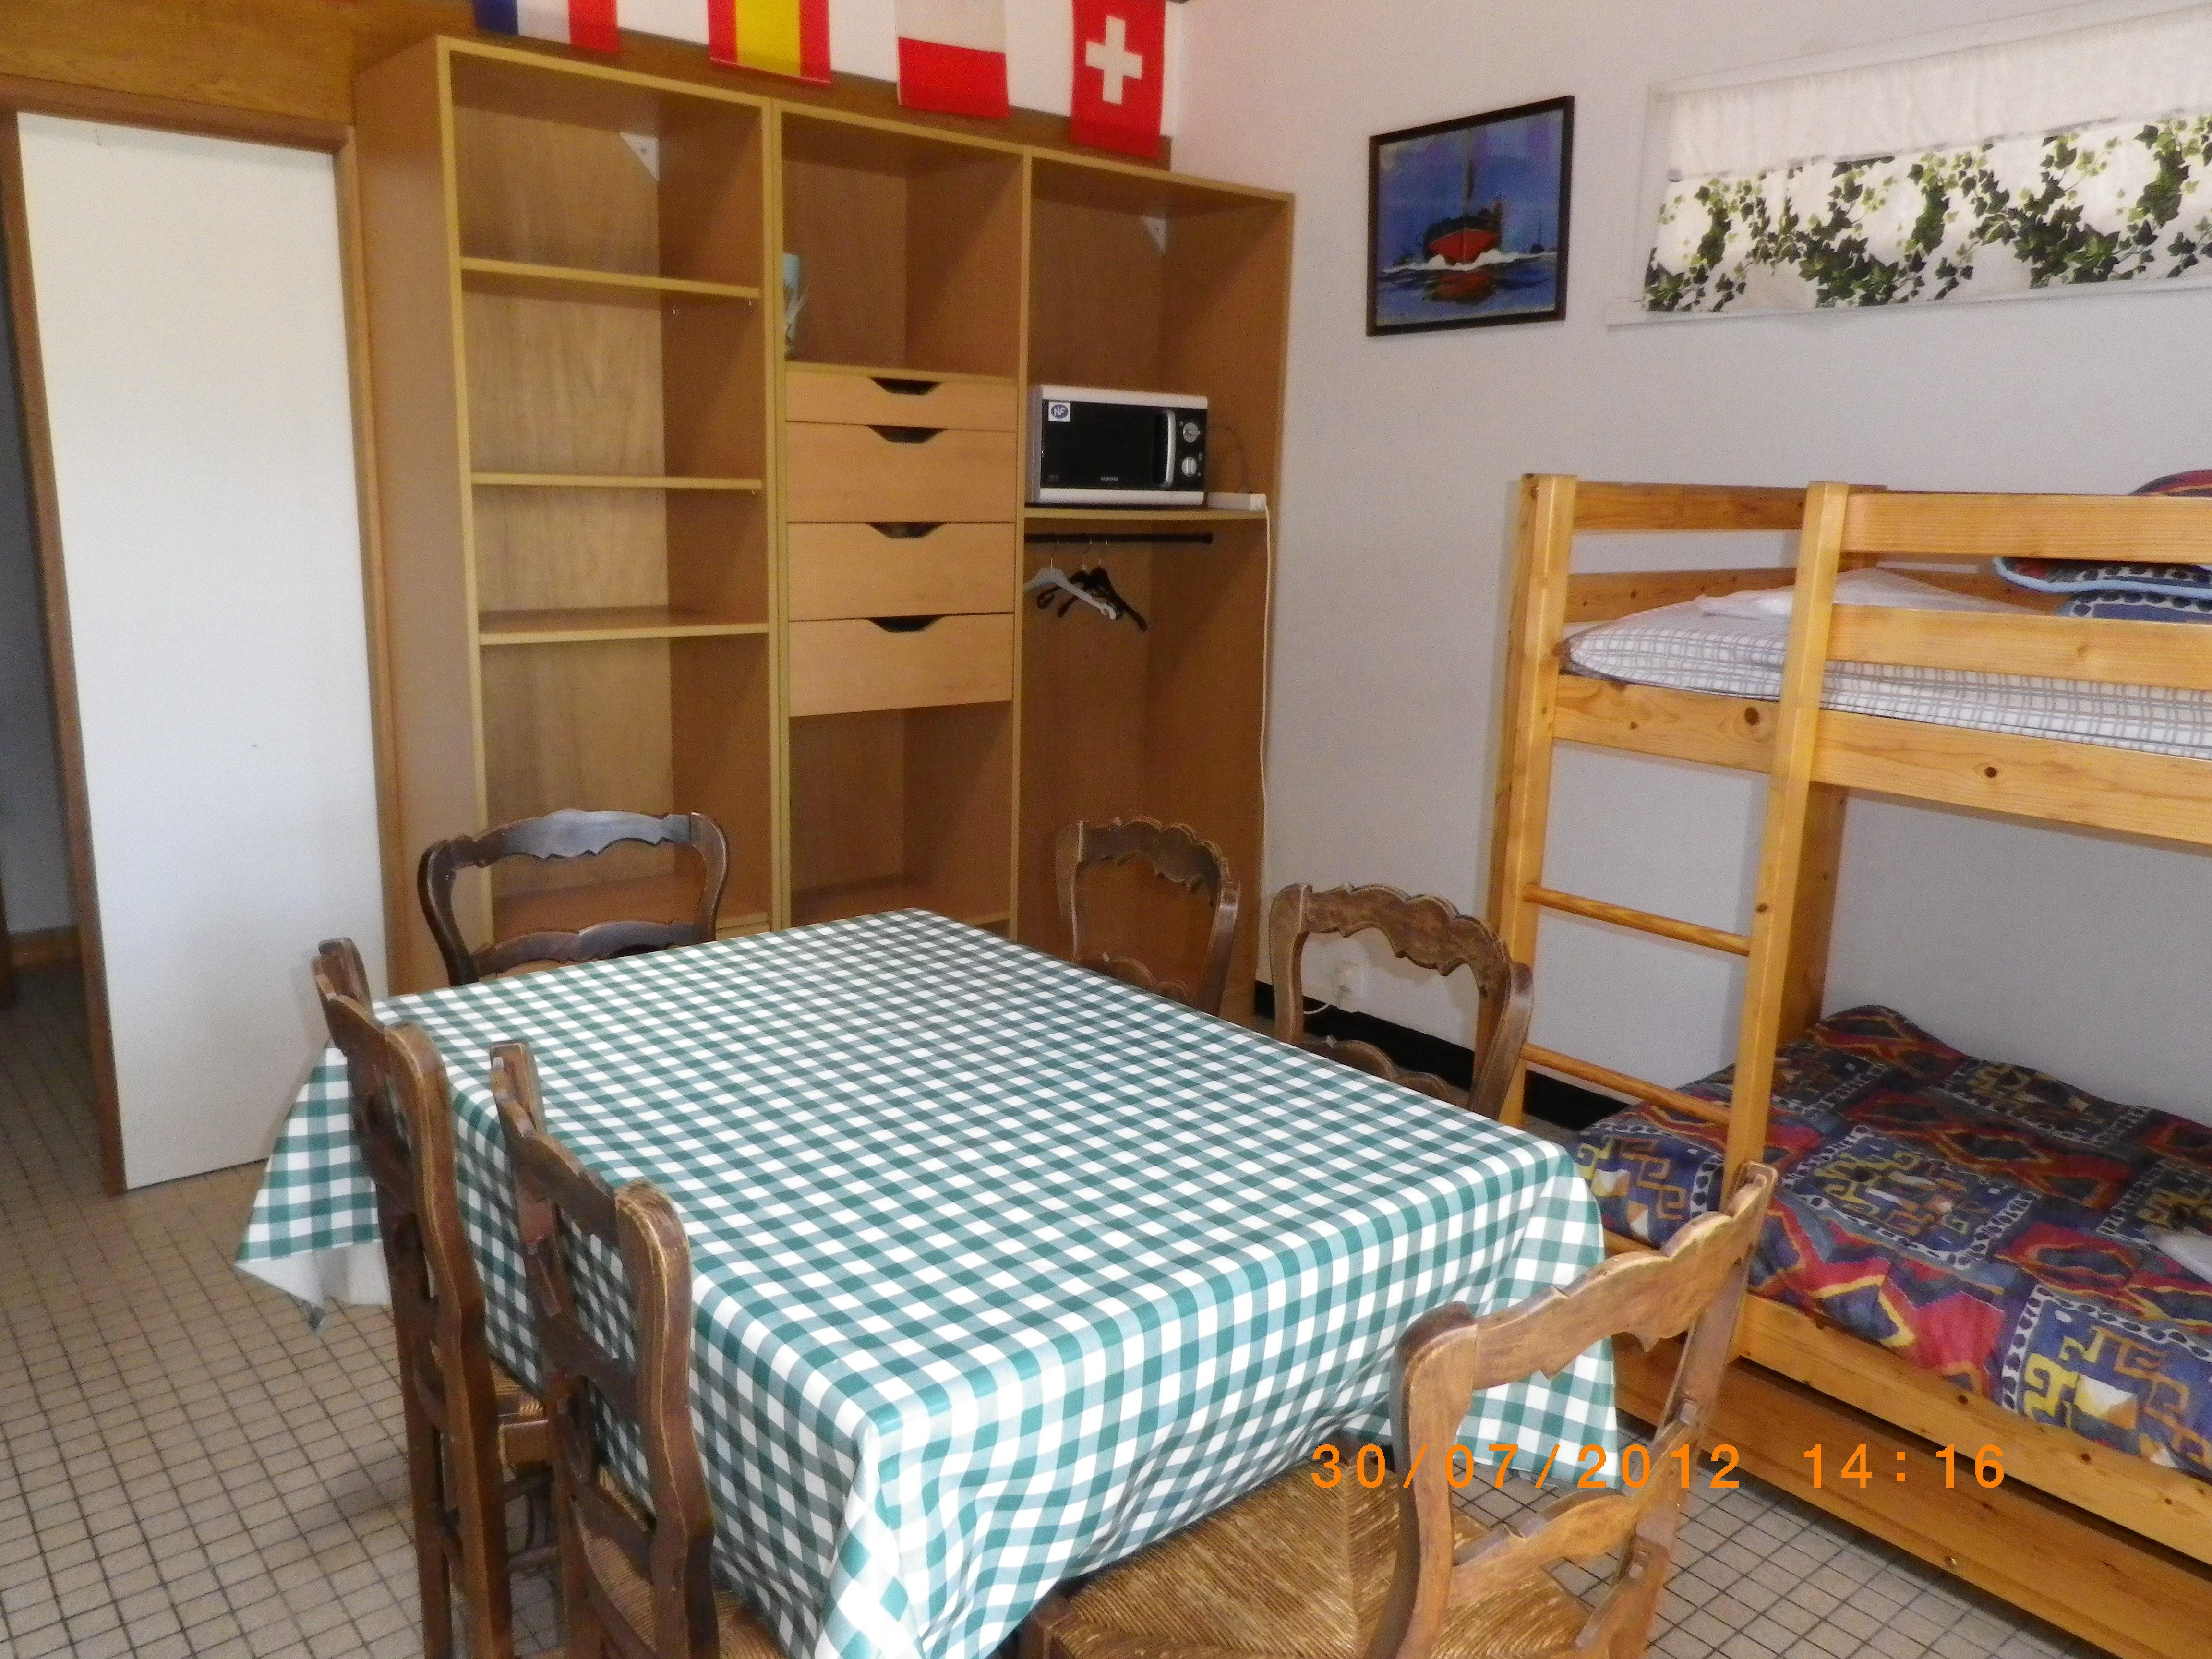 Location - Studio Pour Randonneurs - Camping Sites et Paysages Le Panoramic